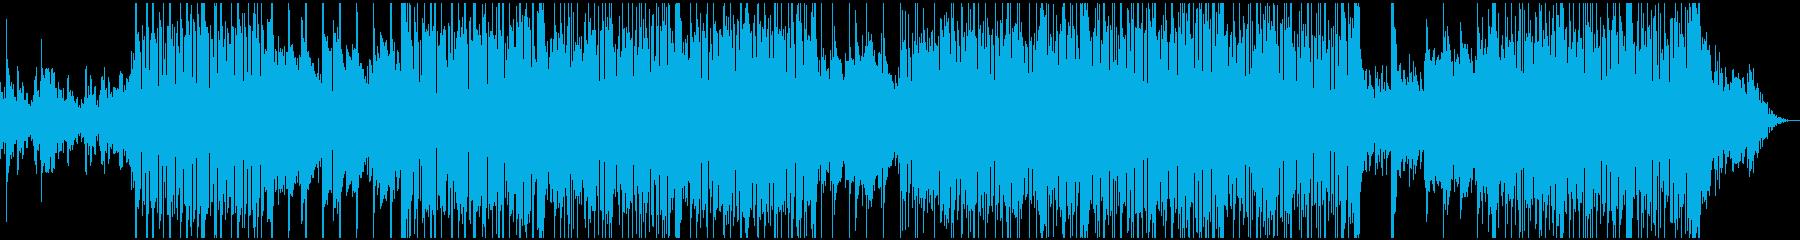 リズミカルでオシャレなインスト。の再生済みの波形